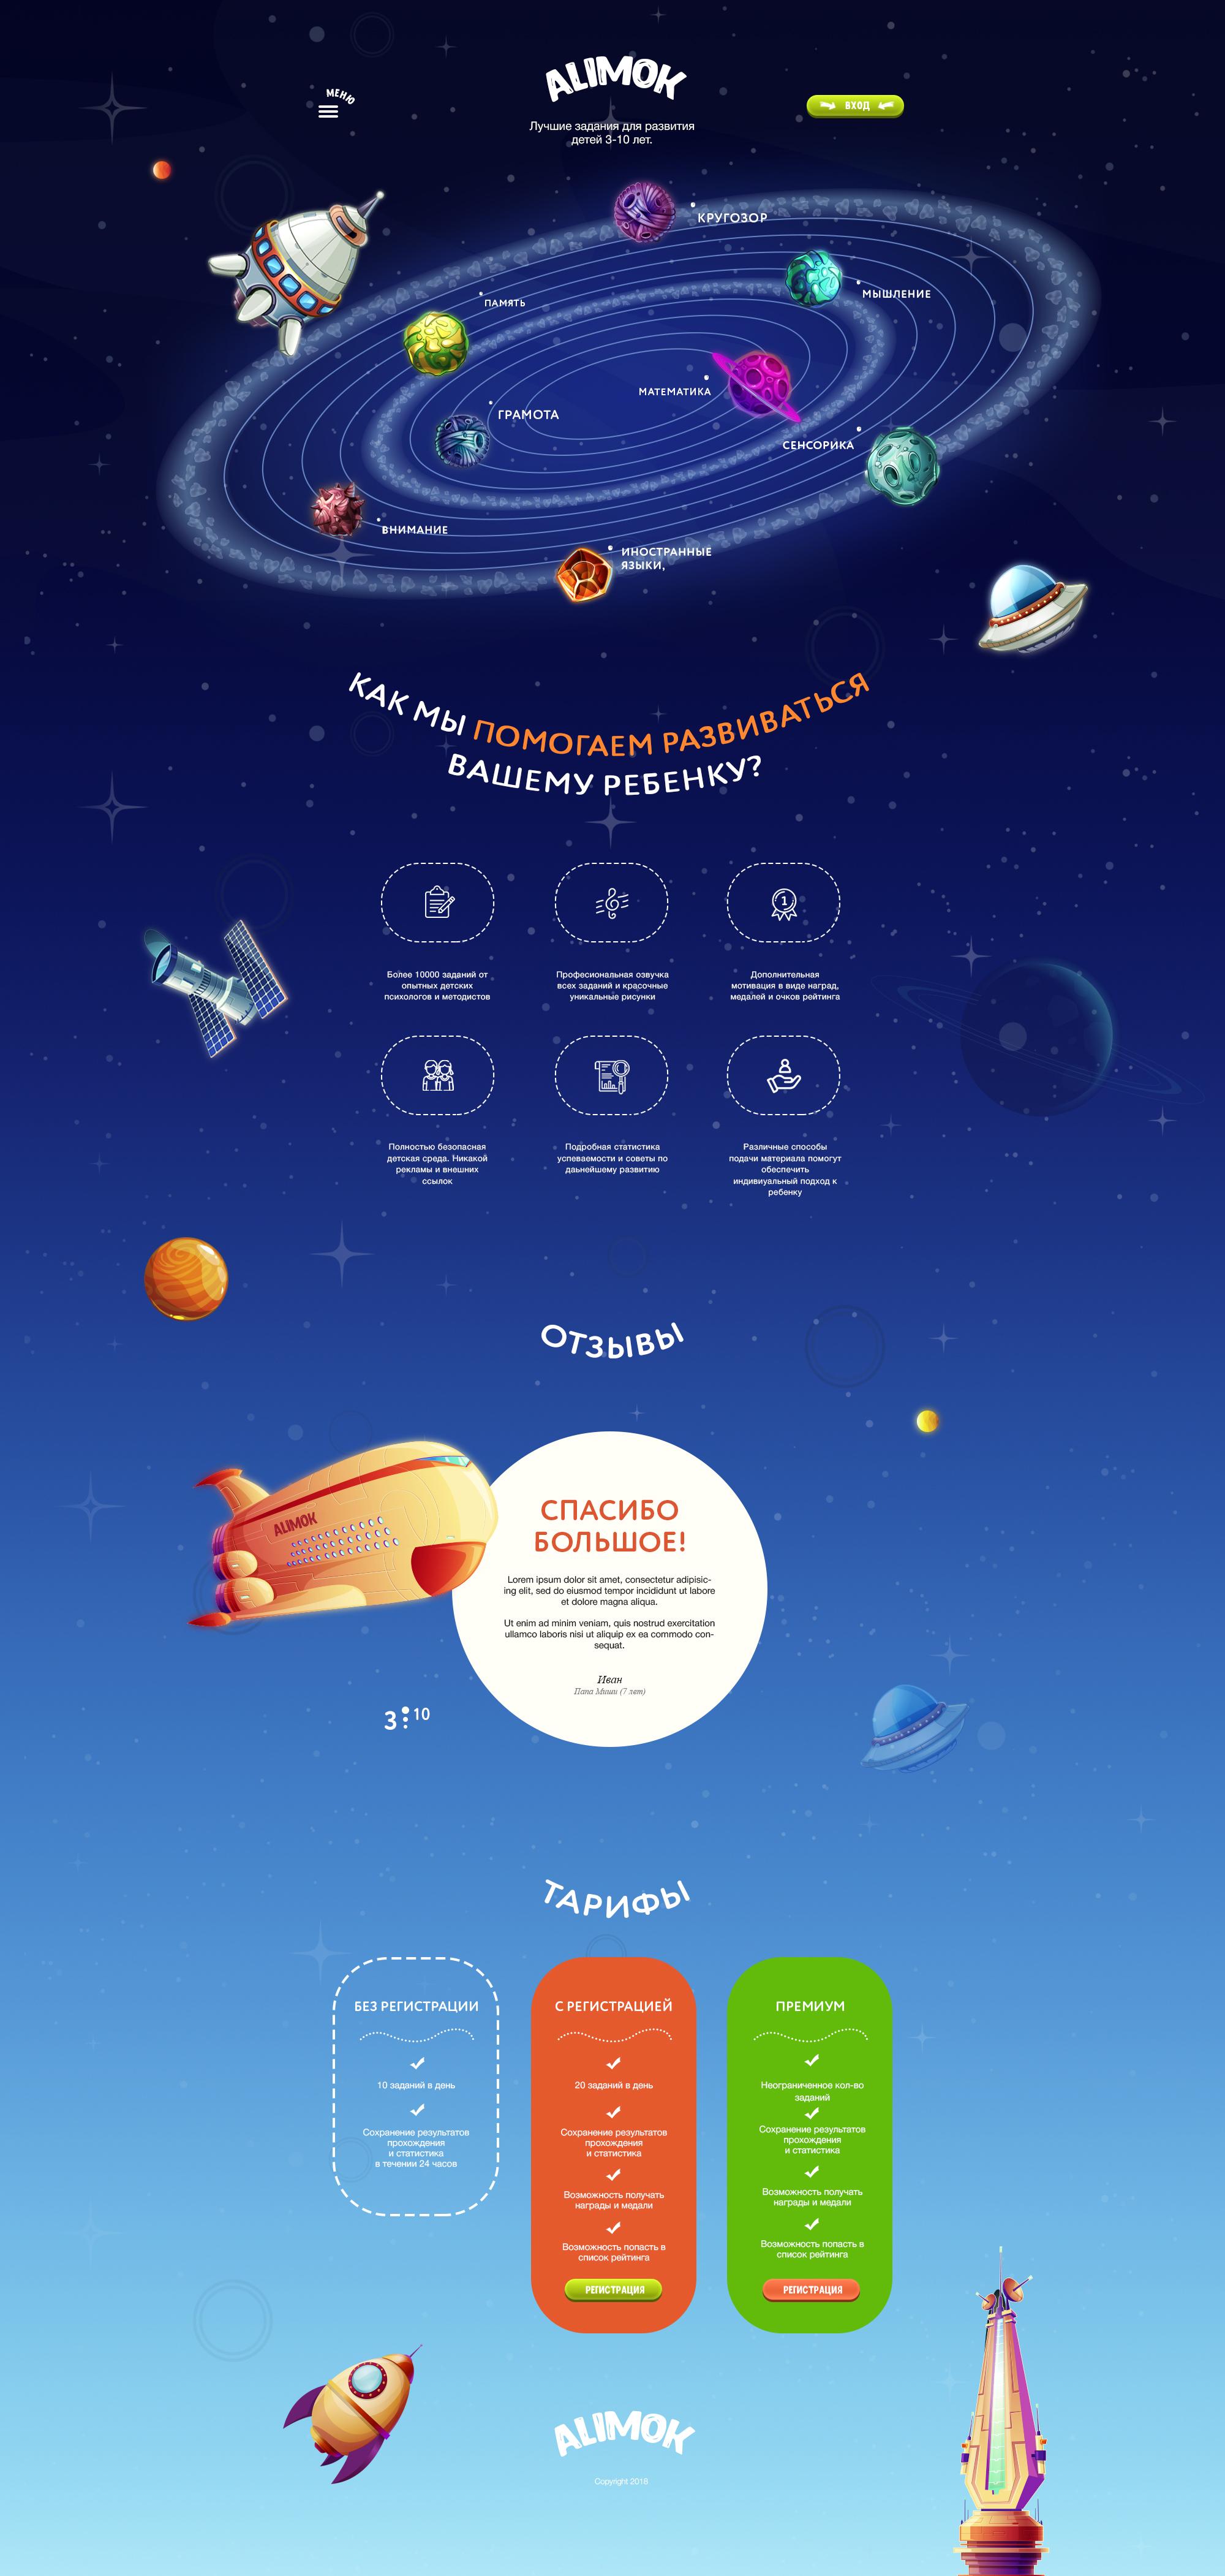 Детский интерактивный образовательный портал